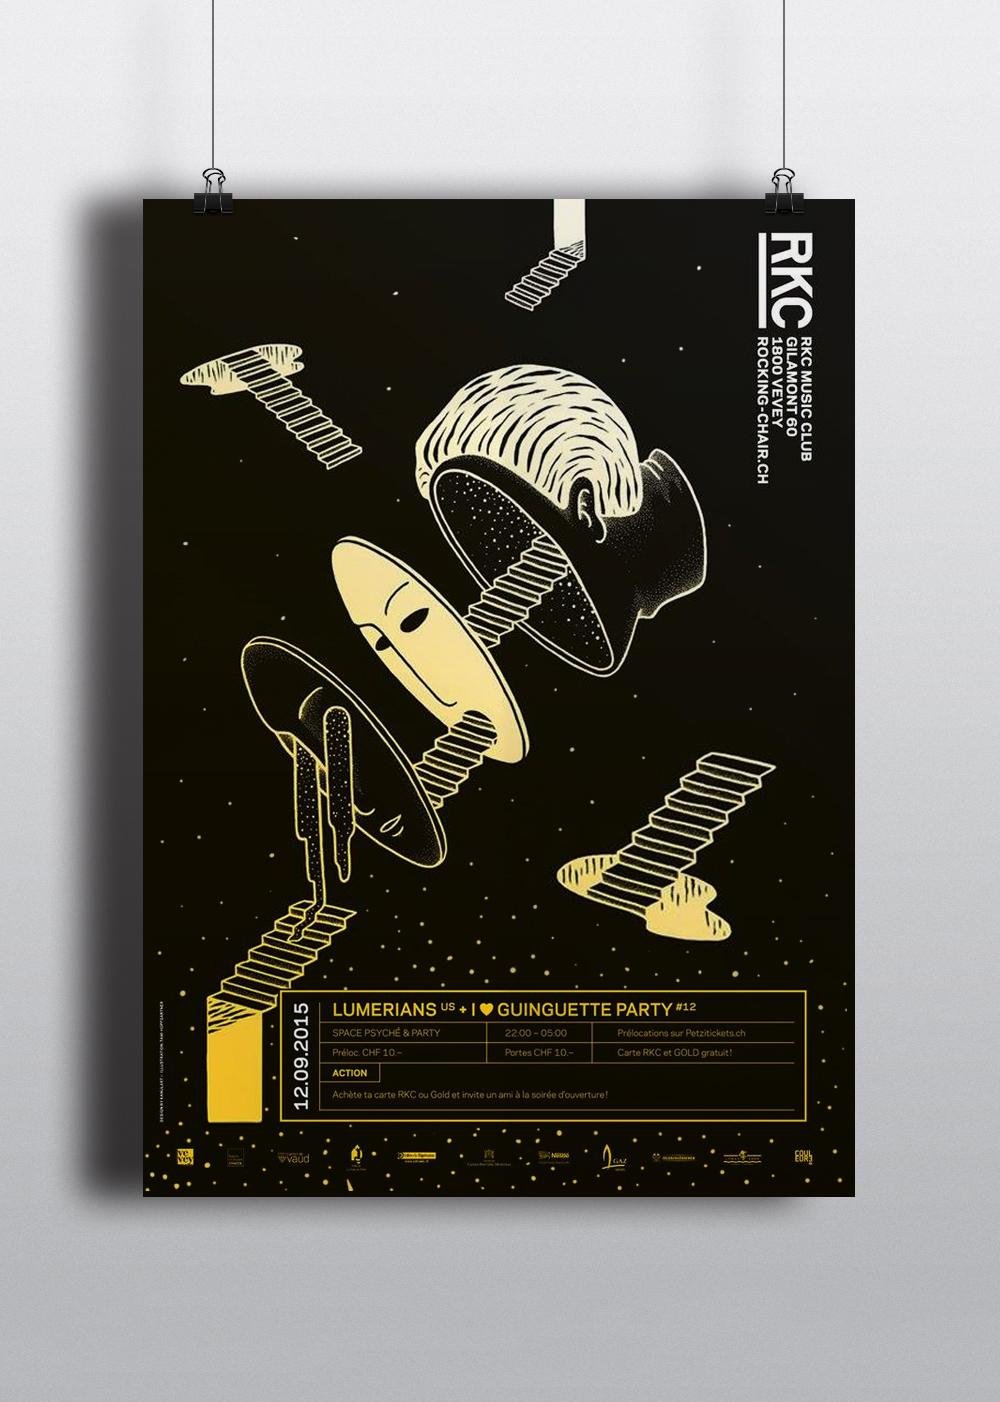 Poster_RKC_bytamihopf.jpg